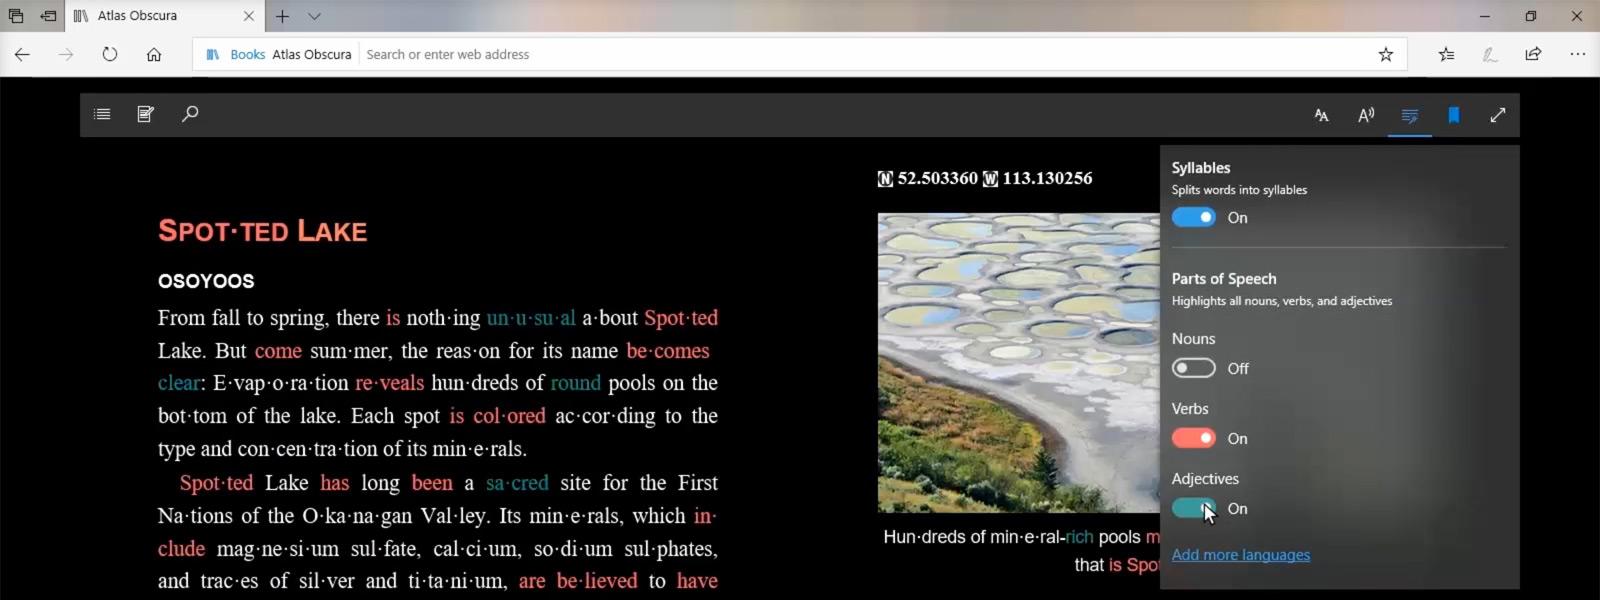 Obrázek funkce Learning Tools, který zvýrazňuje podstatná jména, slovesa a přídavná jména na příslušné webové stránce